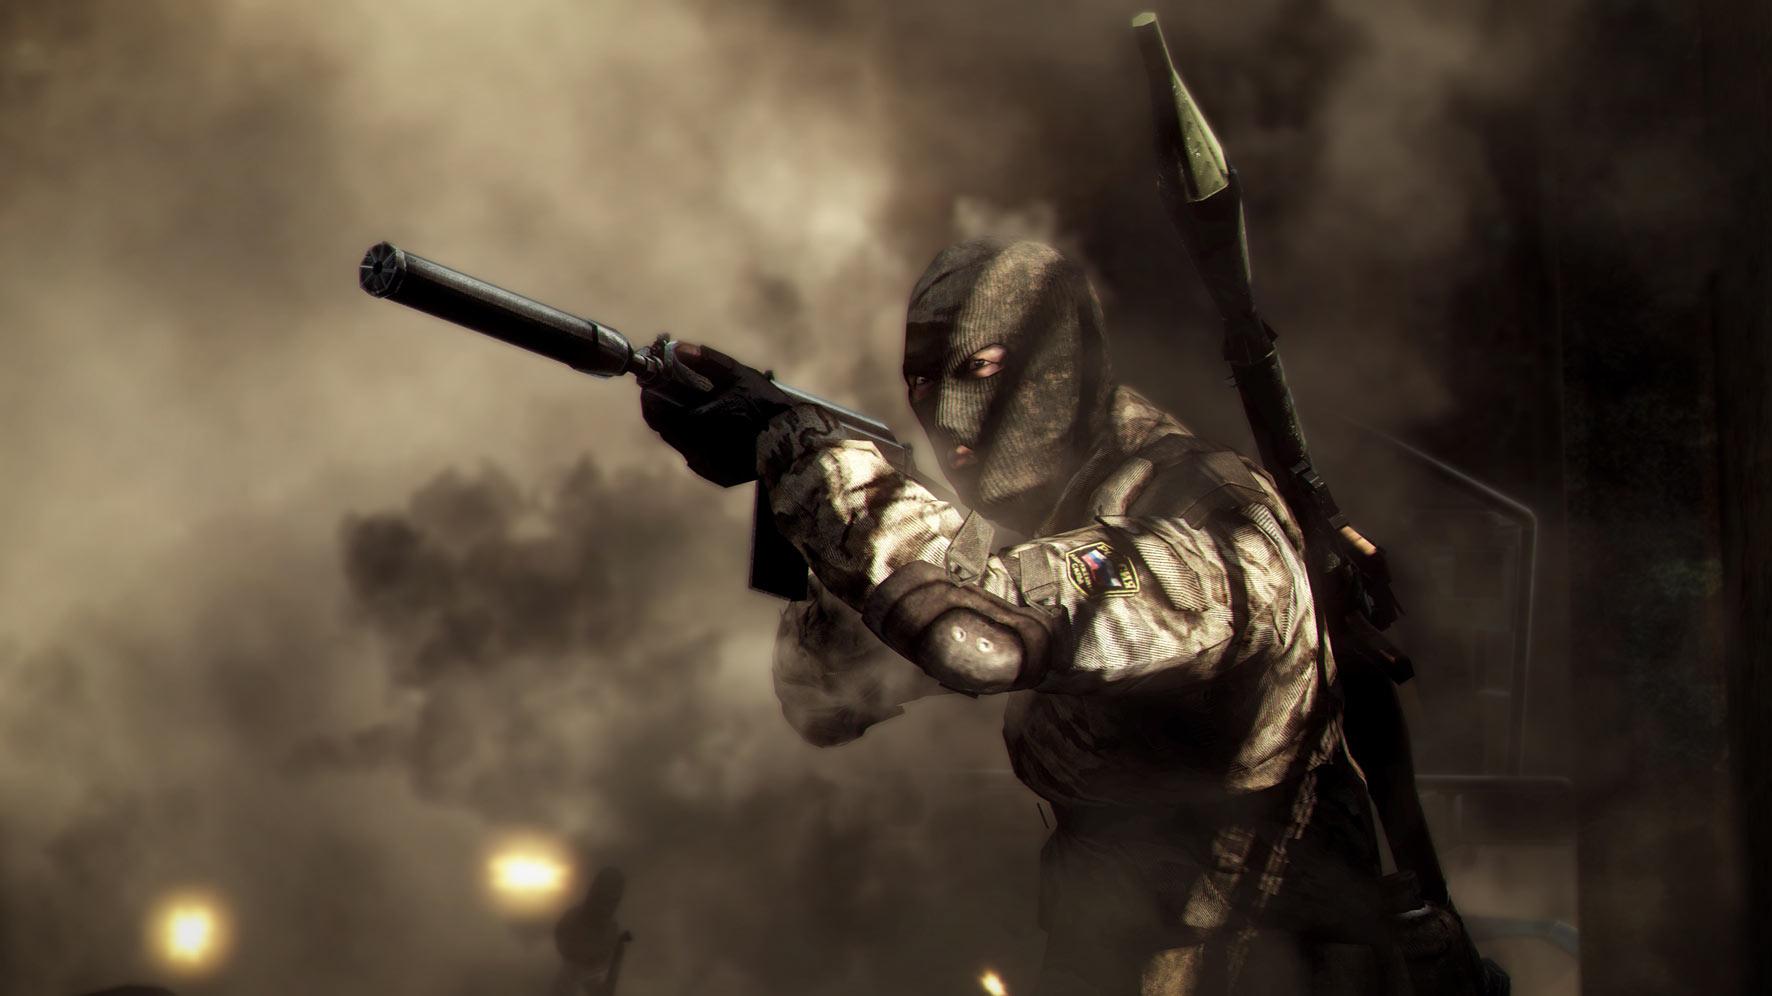 Se viene nuevo parche de Battlefield: Bad Company 2… los cambios, no son menores [Parches]